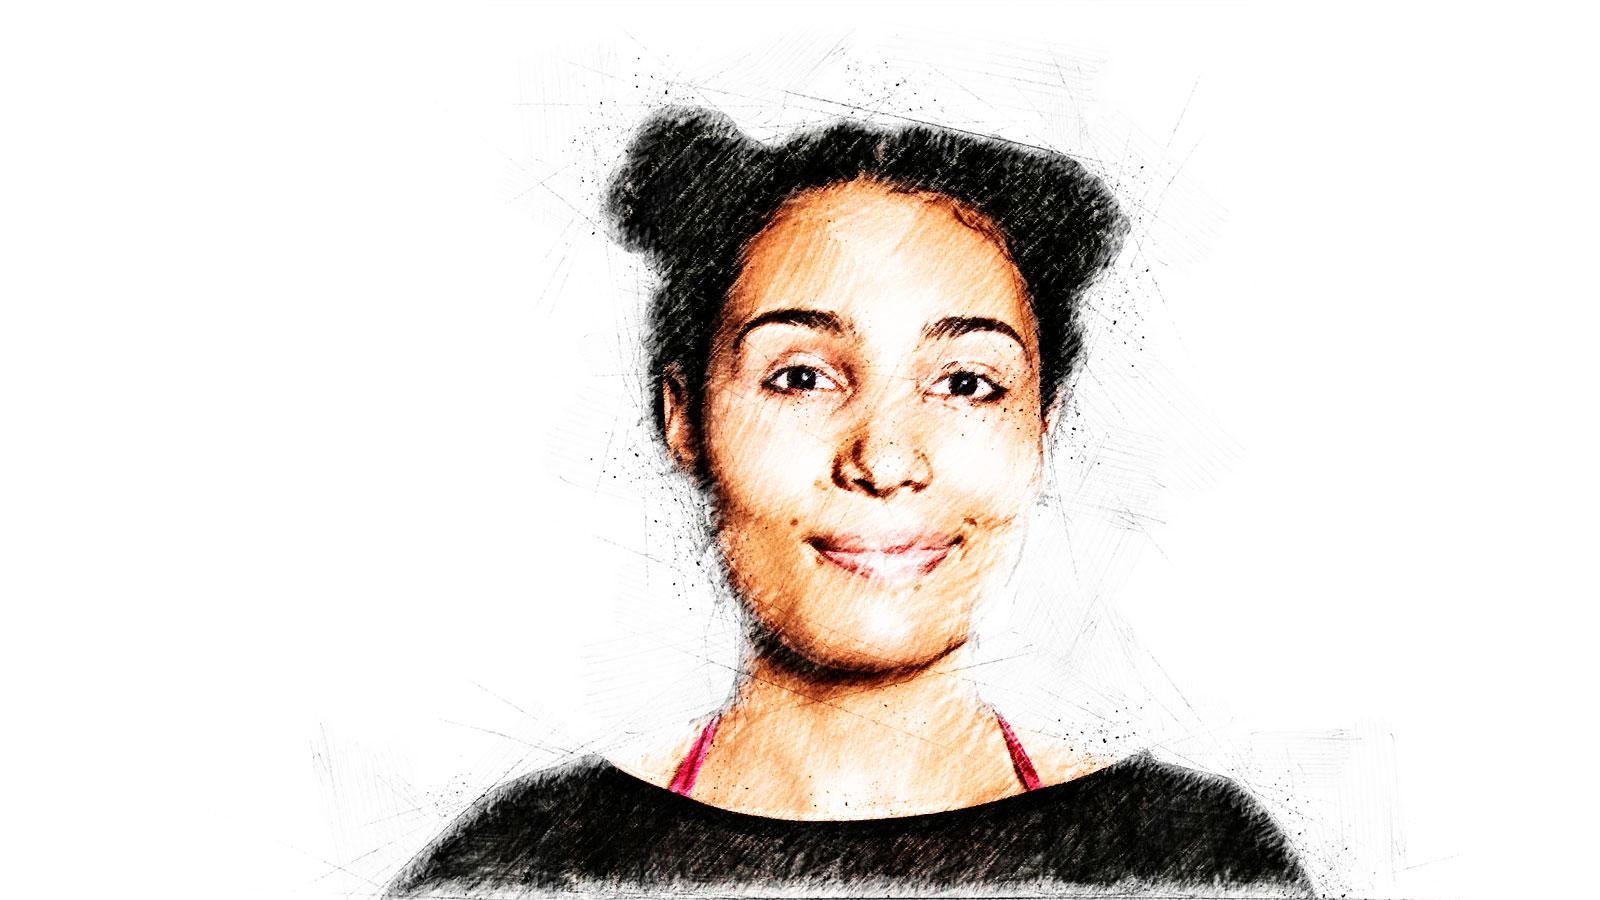 Josephine Macfoy, Journalistin, Ethnologie, Kultur, Josephine, Macfoy